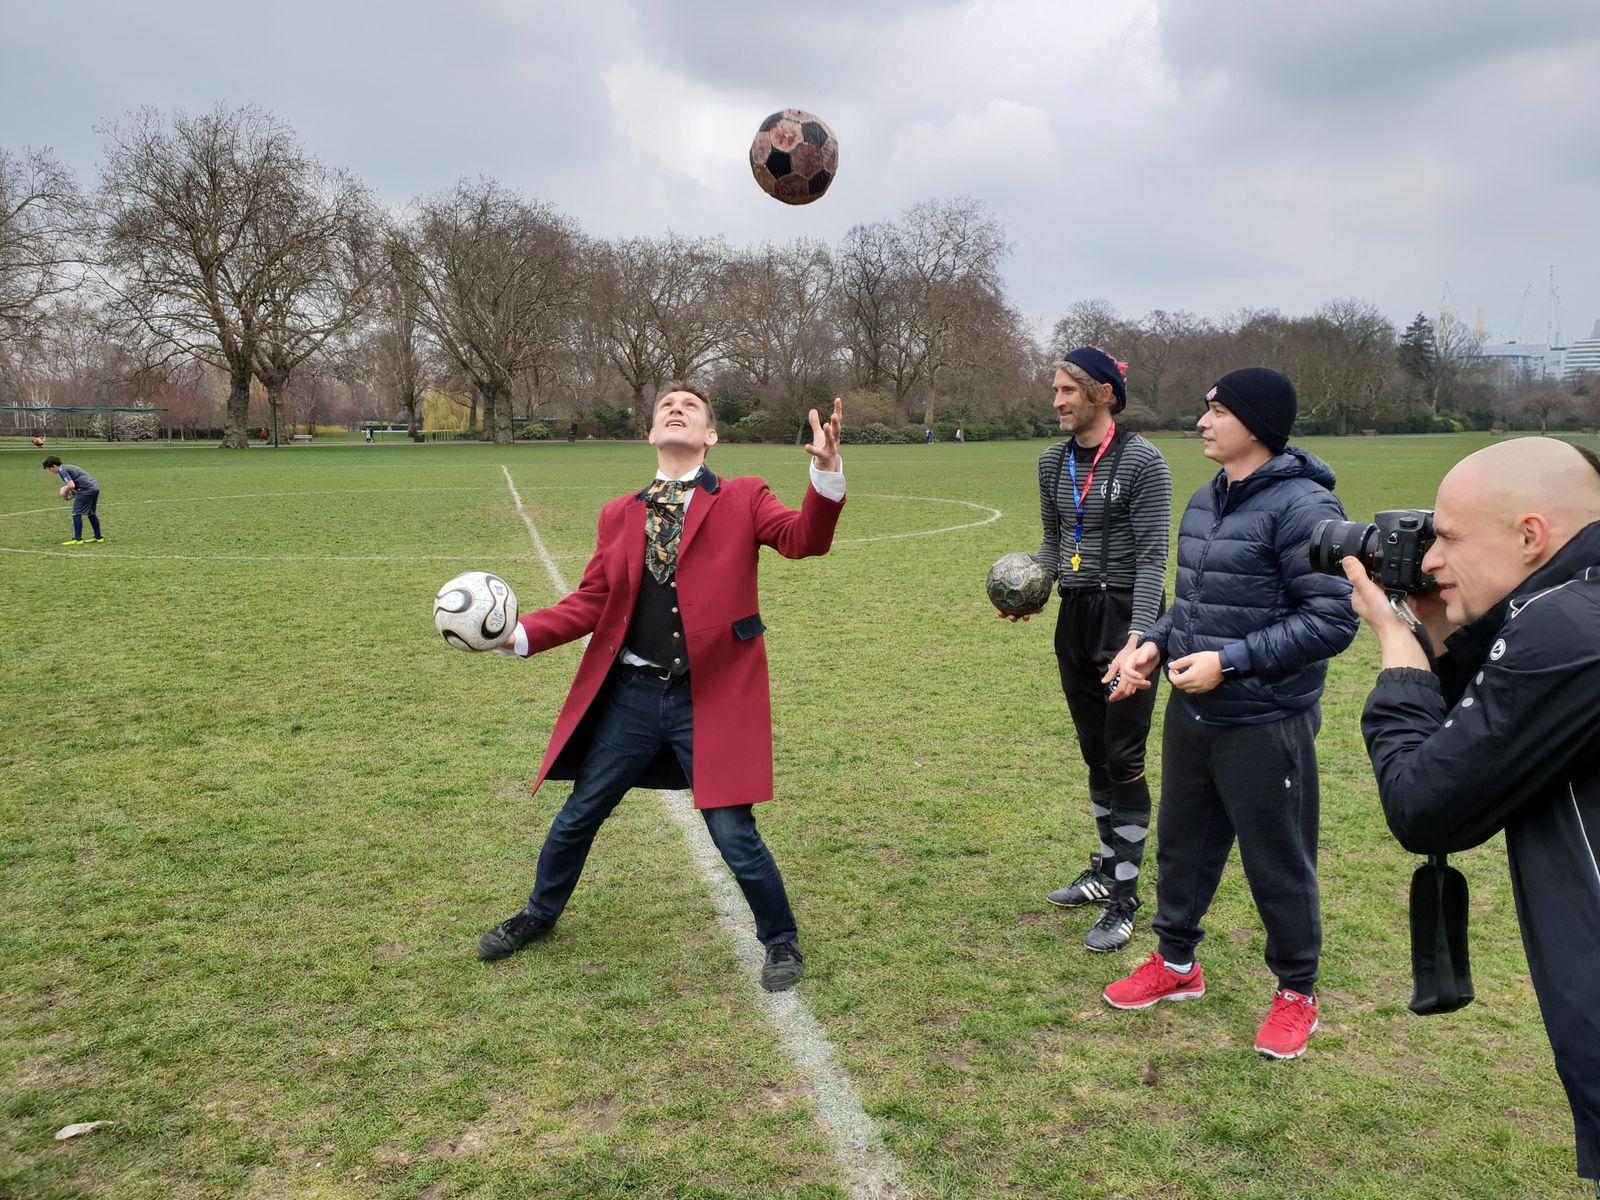 Christian Wach zeigt, wie man mit Fußbällen jongliert